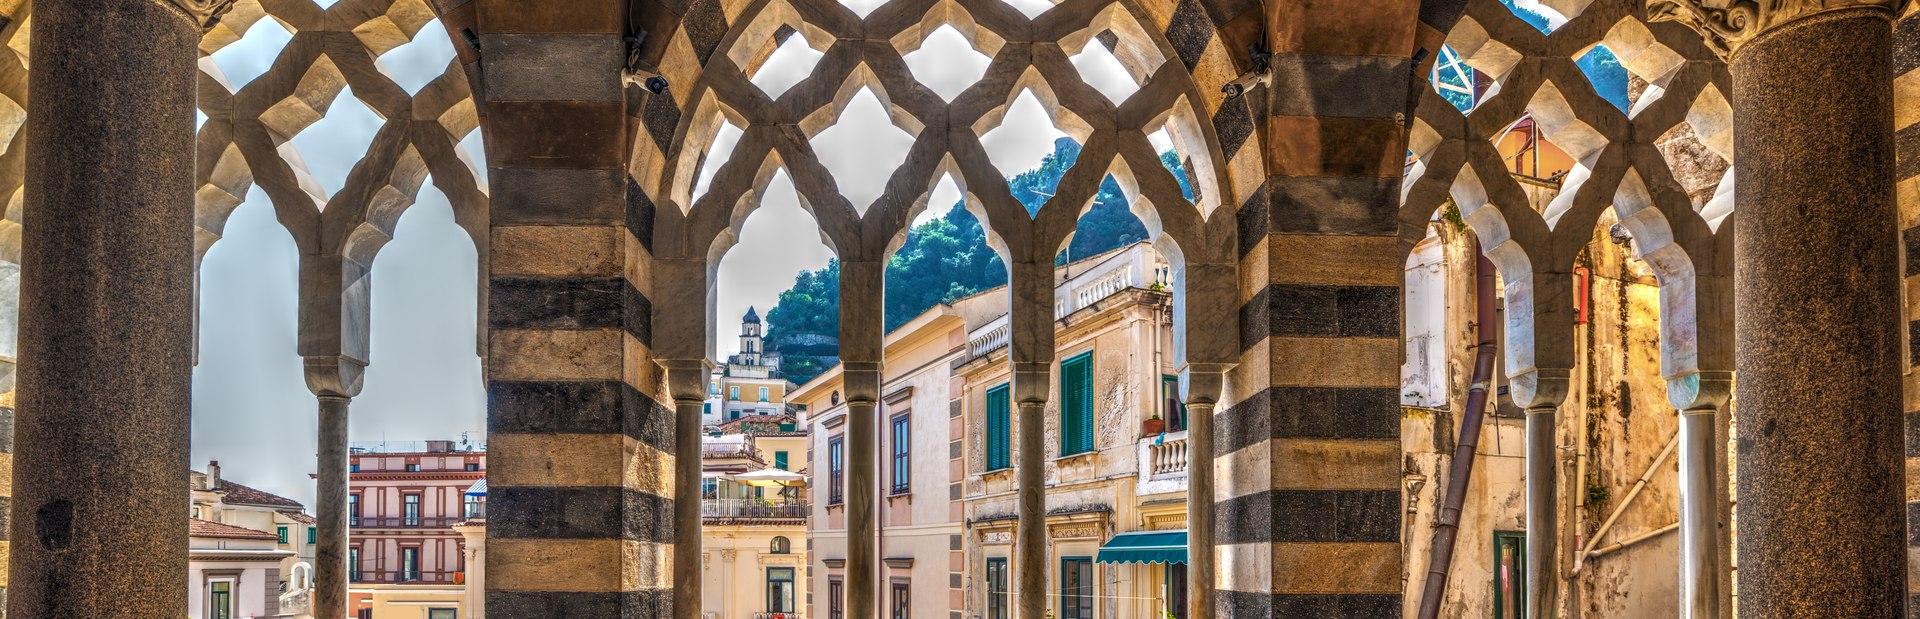 Amalfi inspiration and tips